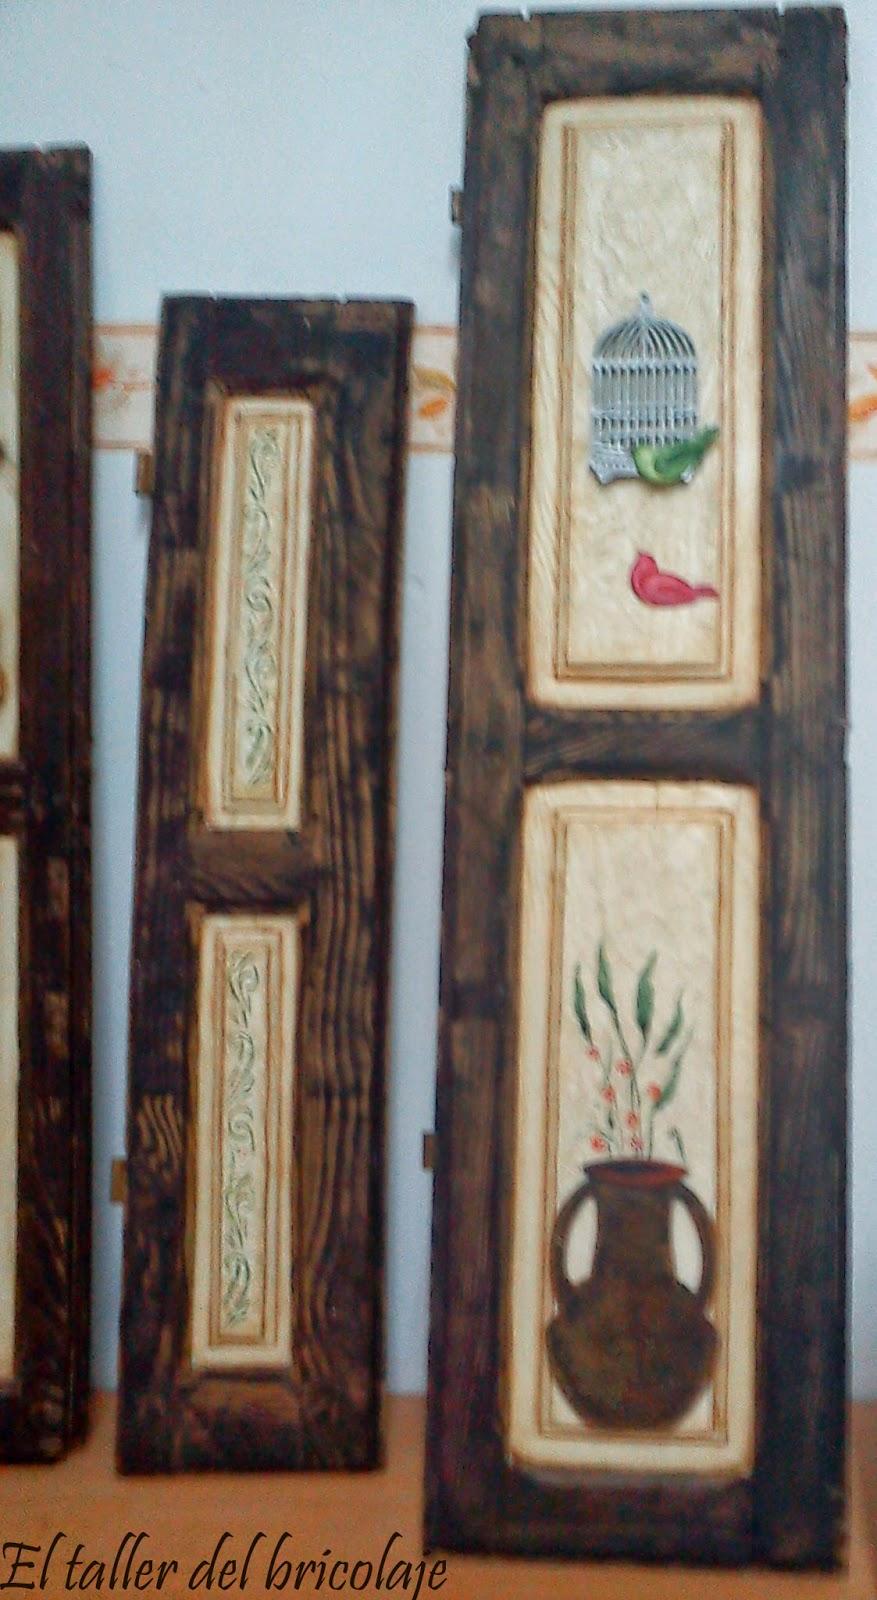 El taller del bricolaje cuadros en contraventanas de madera for Bricolaje en madera pdf